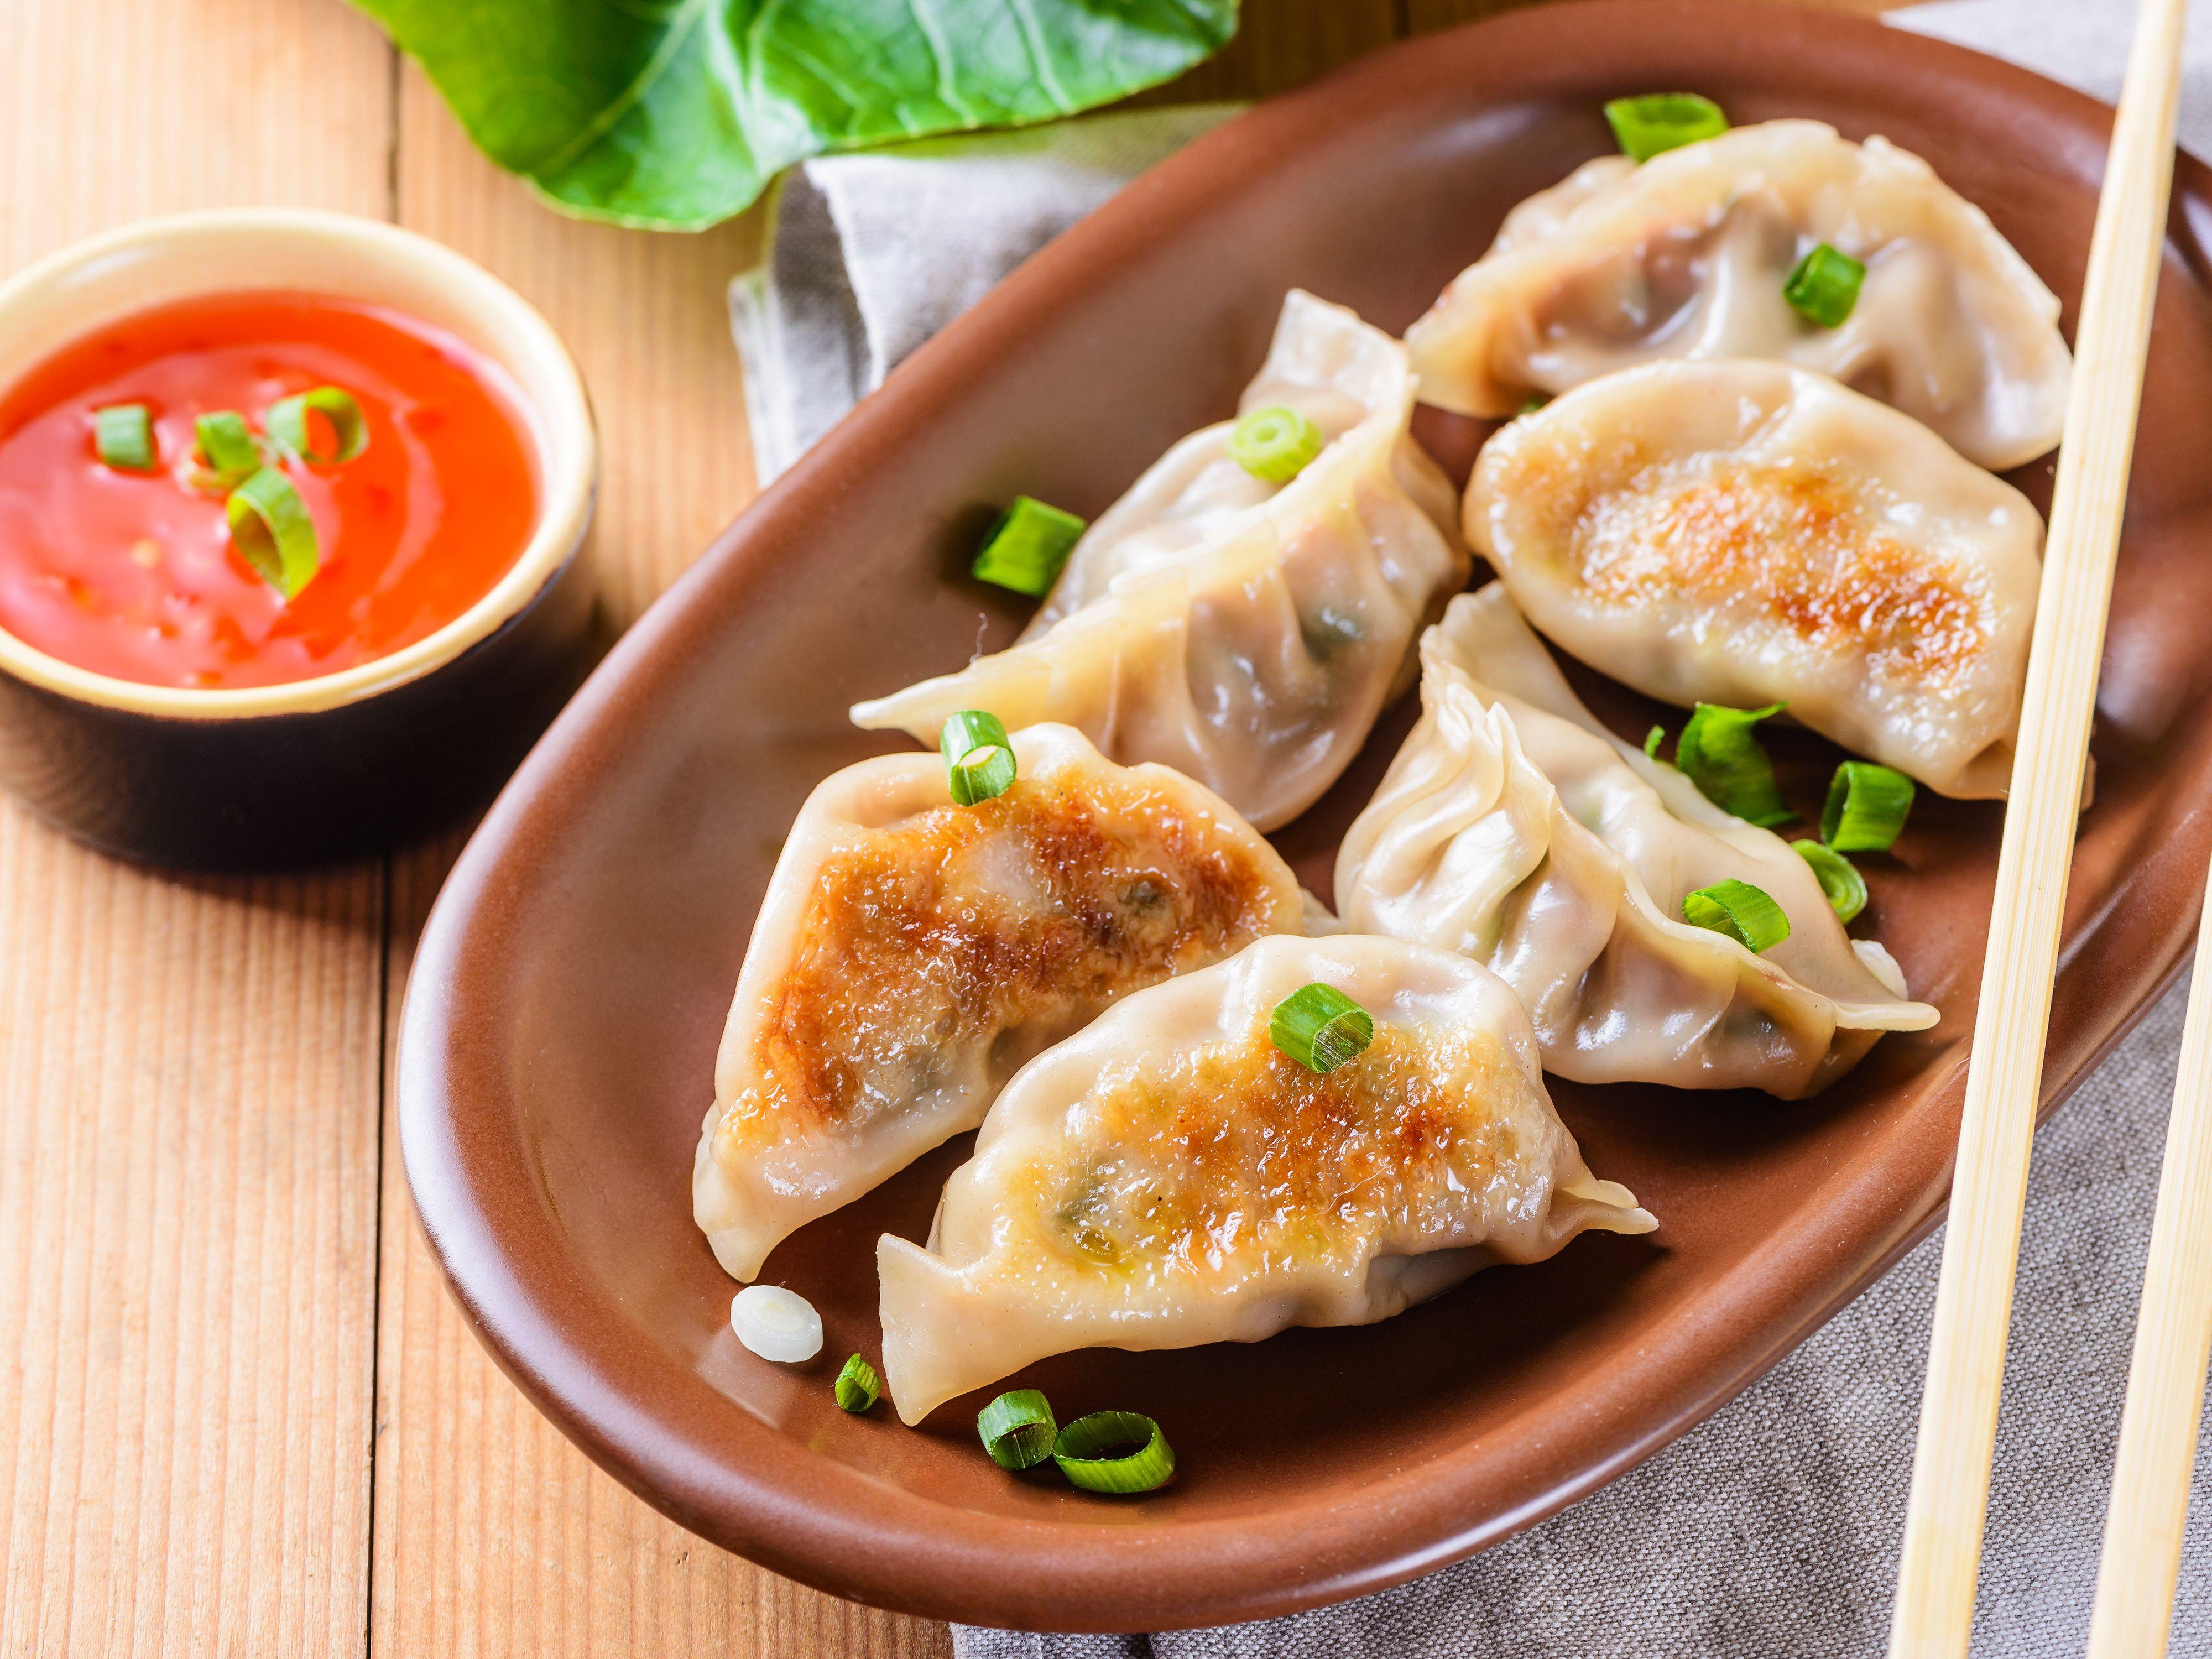 Chinese Pan Fried Dumpling Recipe